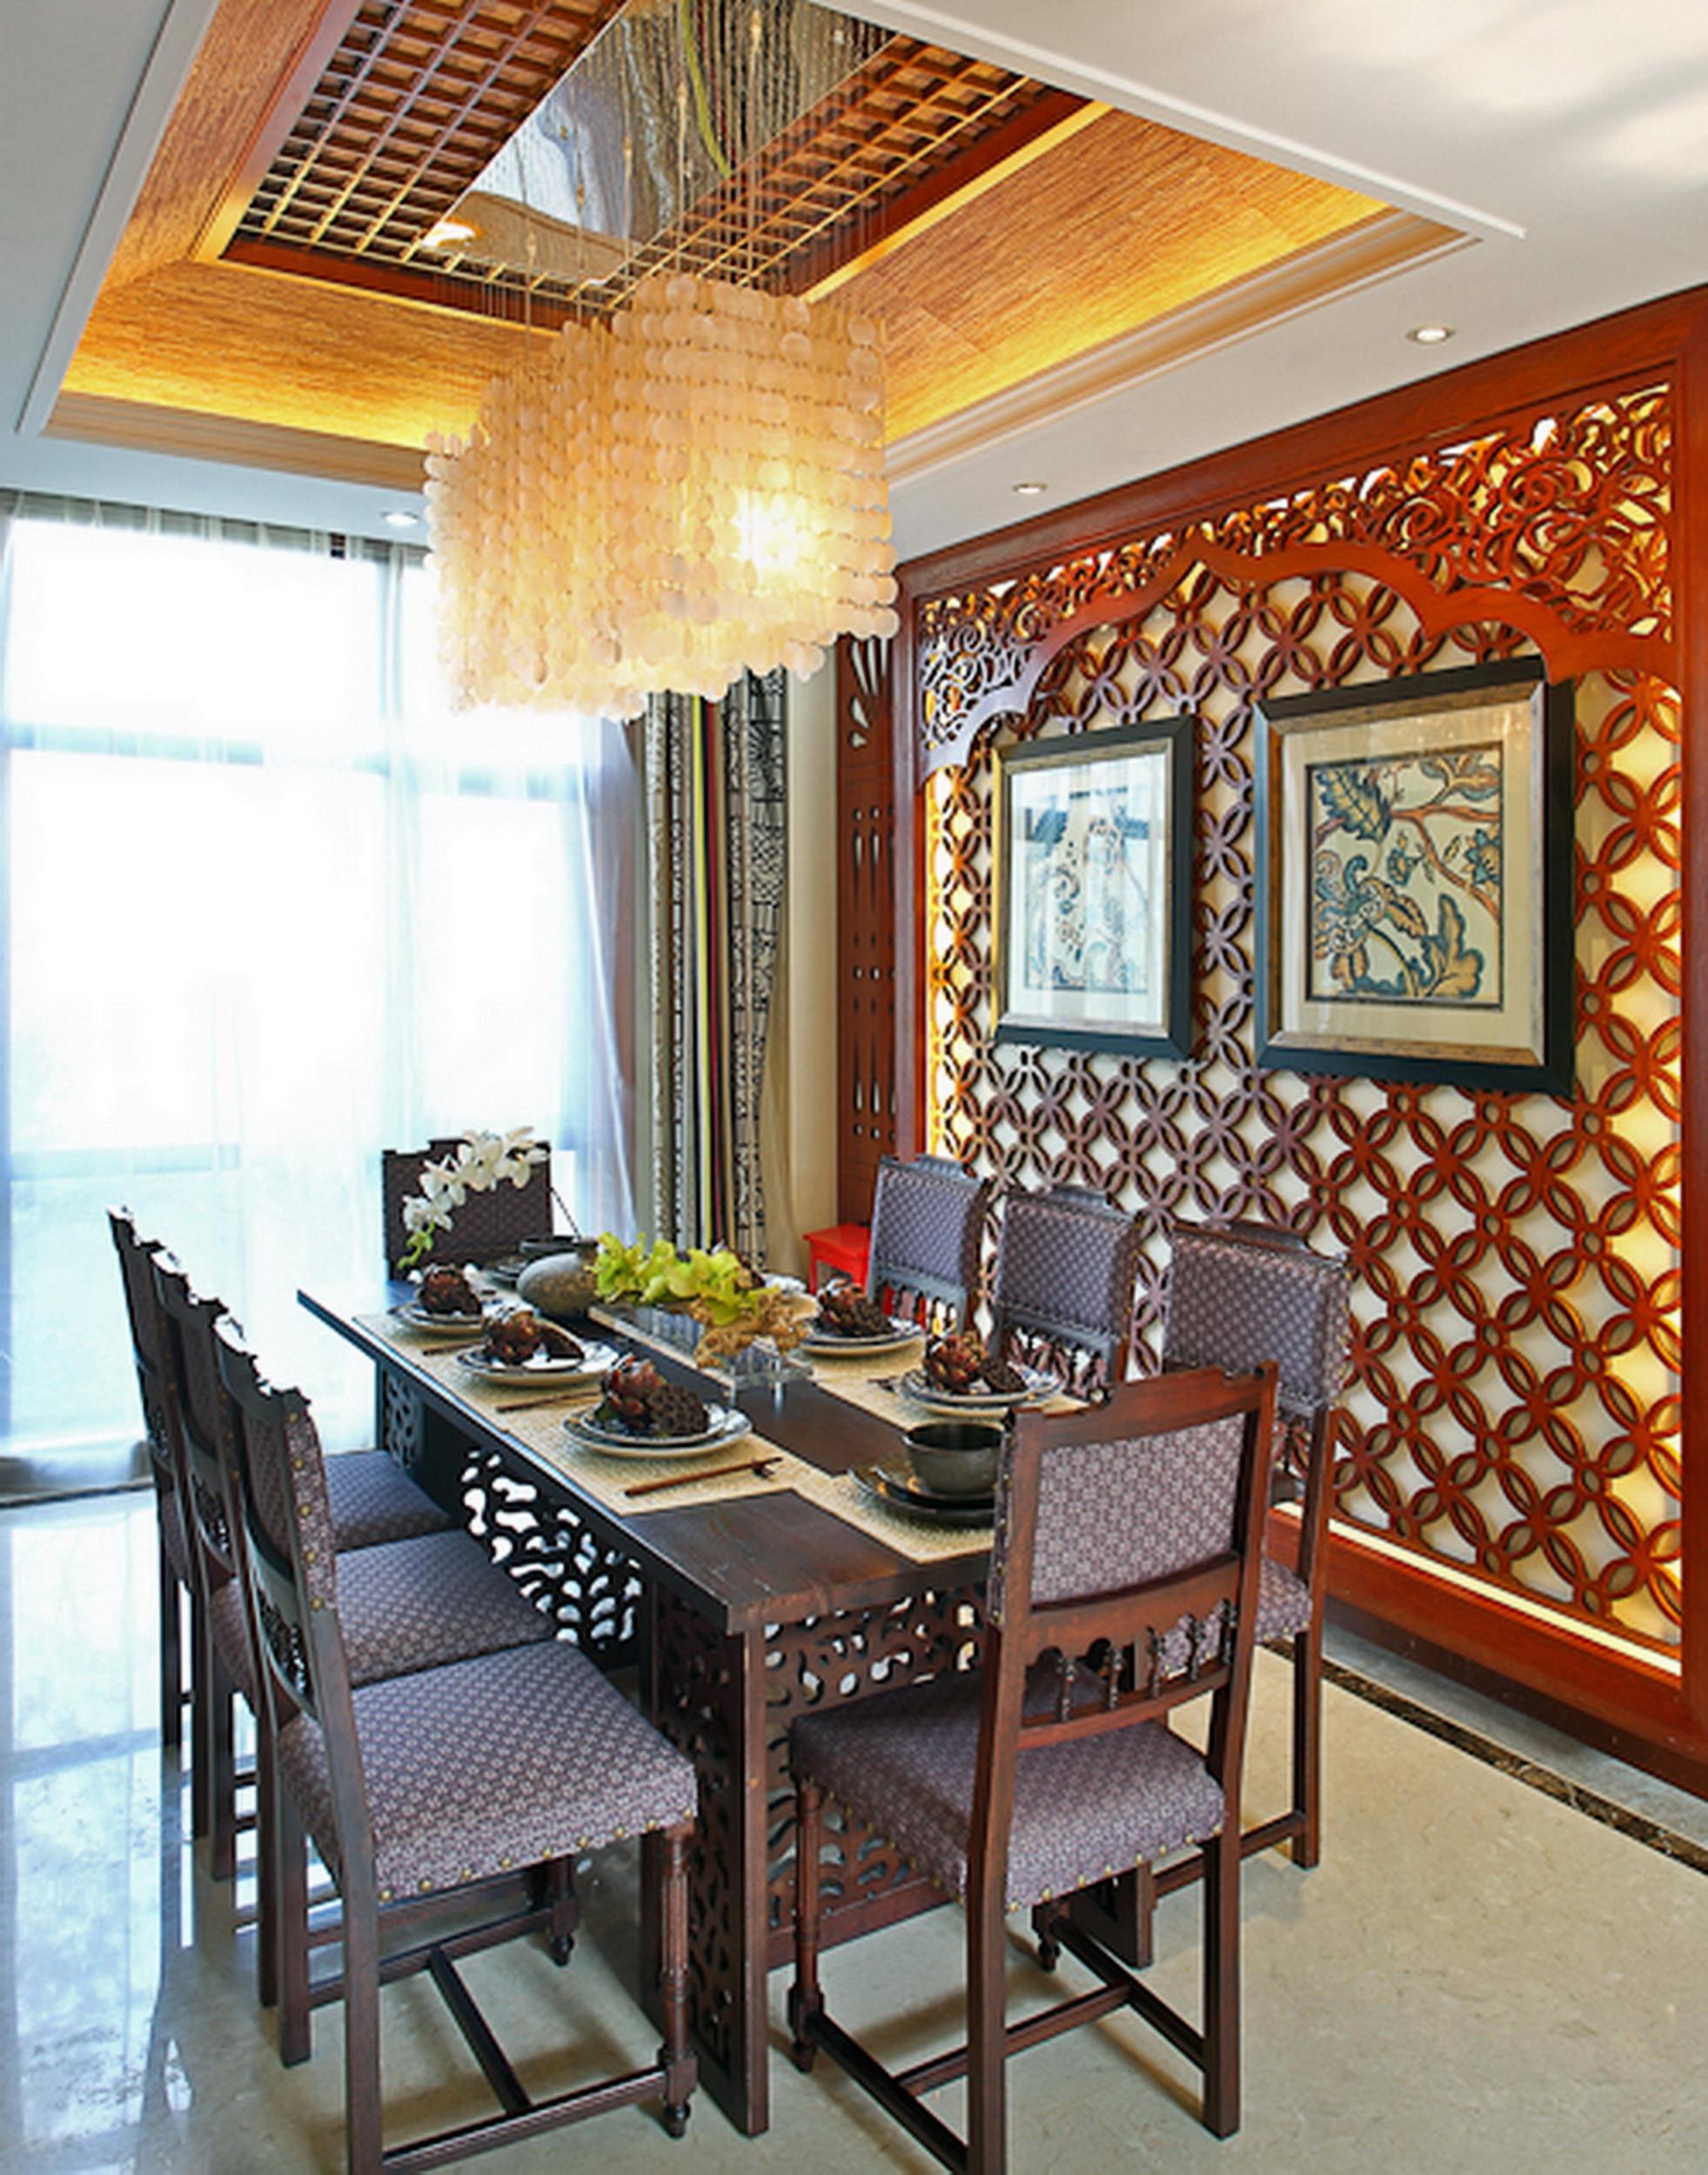 东南亚风格别墅装修餐厅设计图